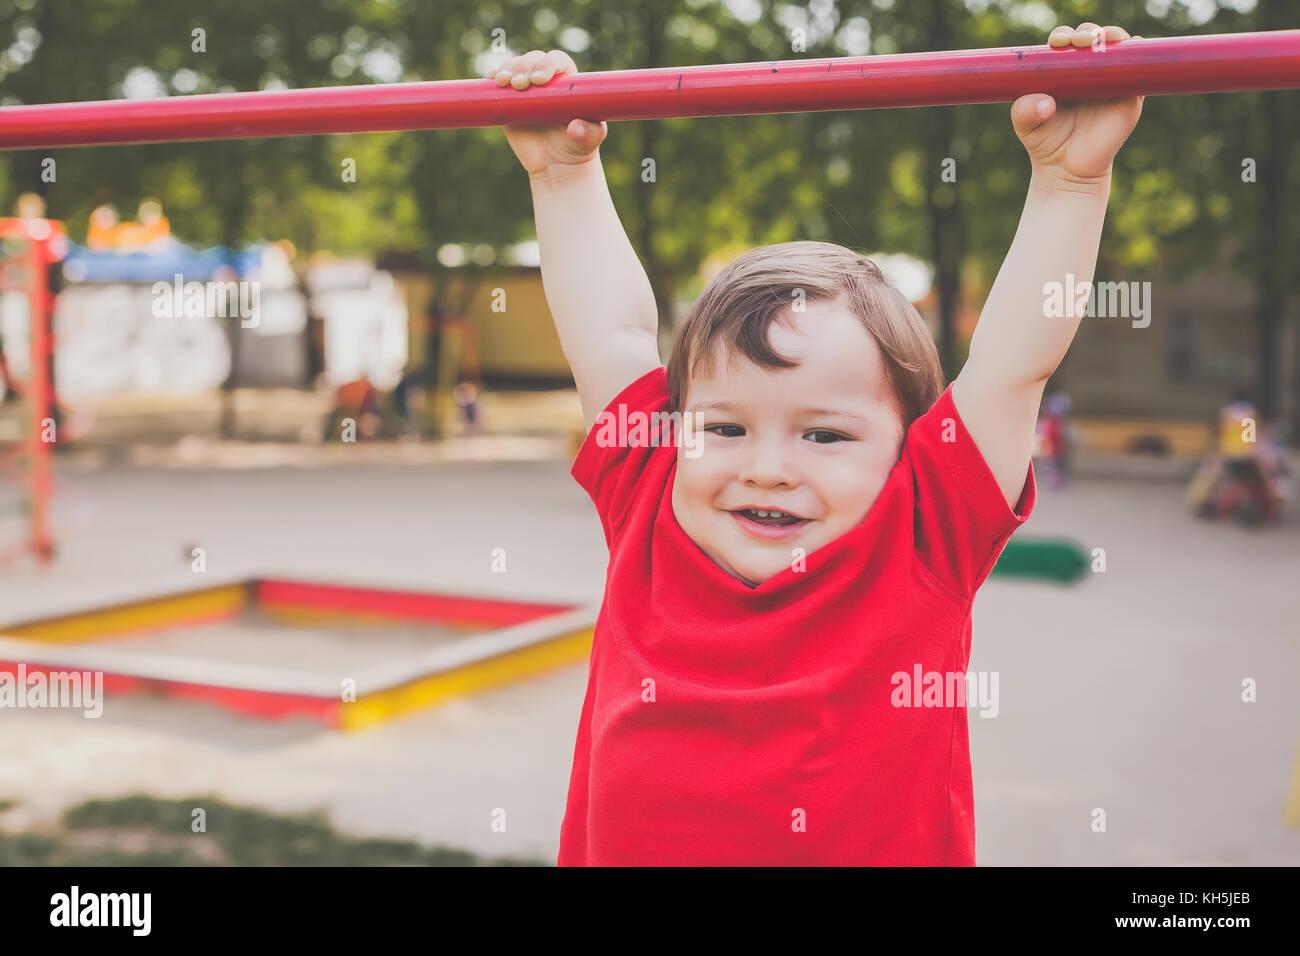 Retrato de chico lindo sonriente y jugando en el patio de recreo Imagen De Stock